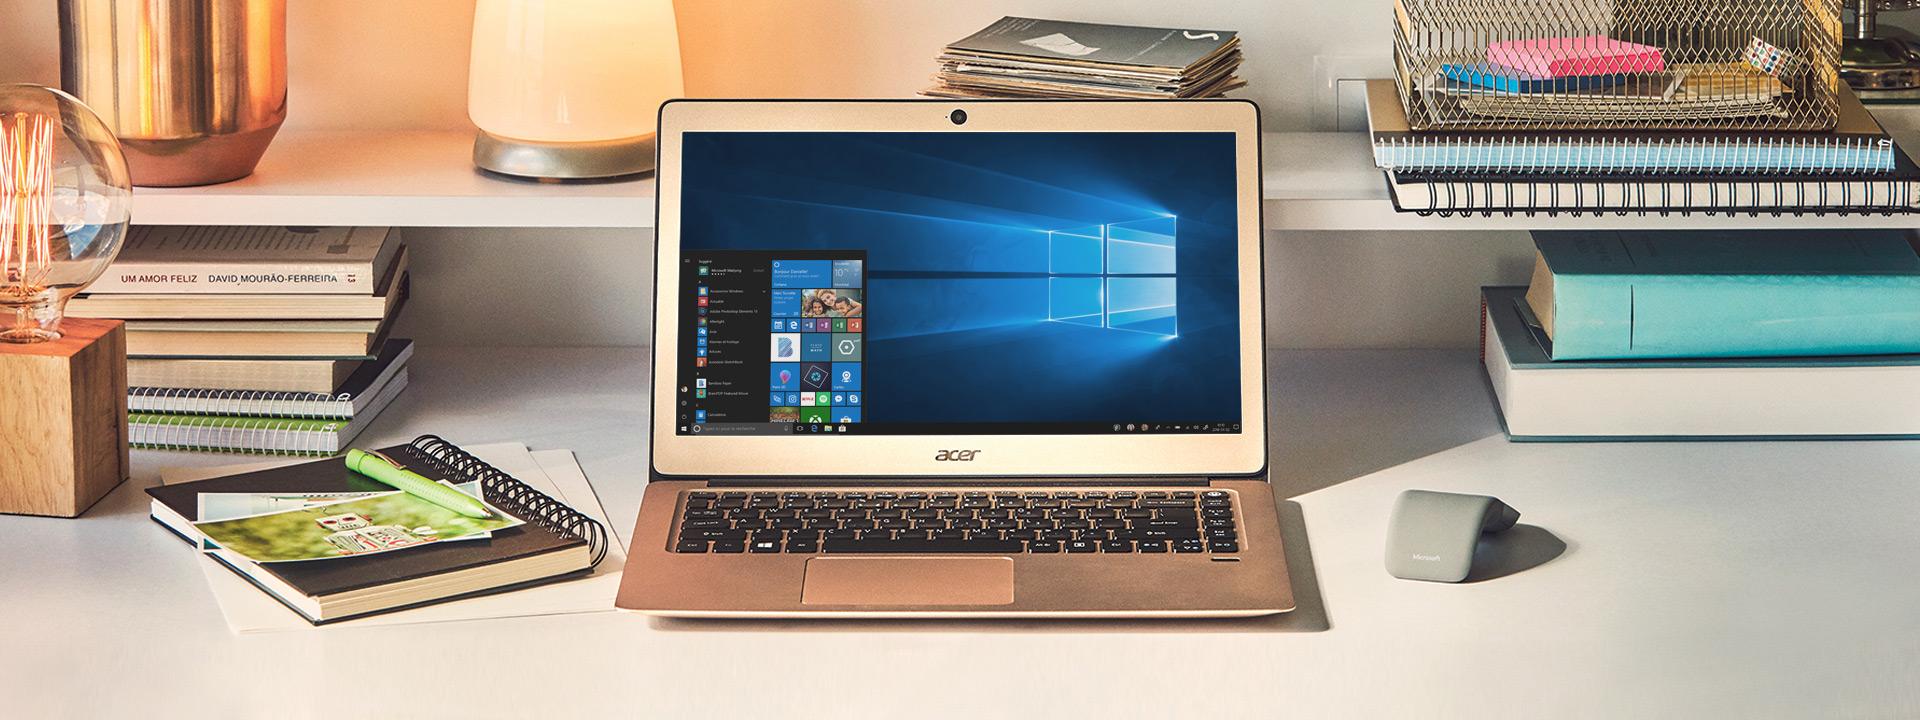 Ordinateur portable et souris Acer sur un bureau entouré de livres et de blocs-notes